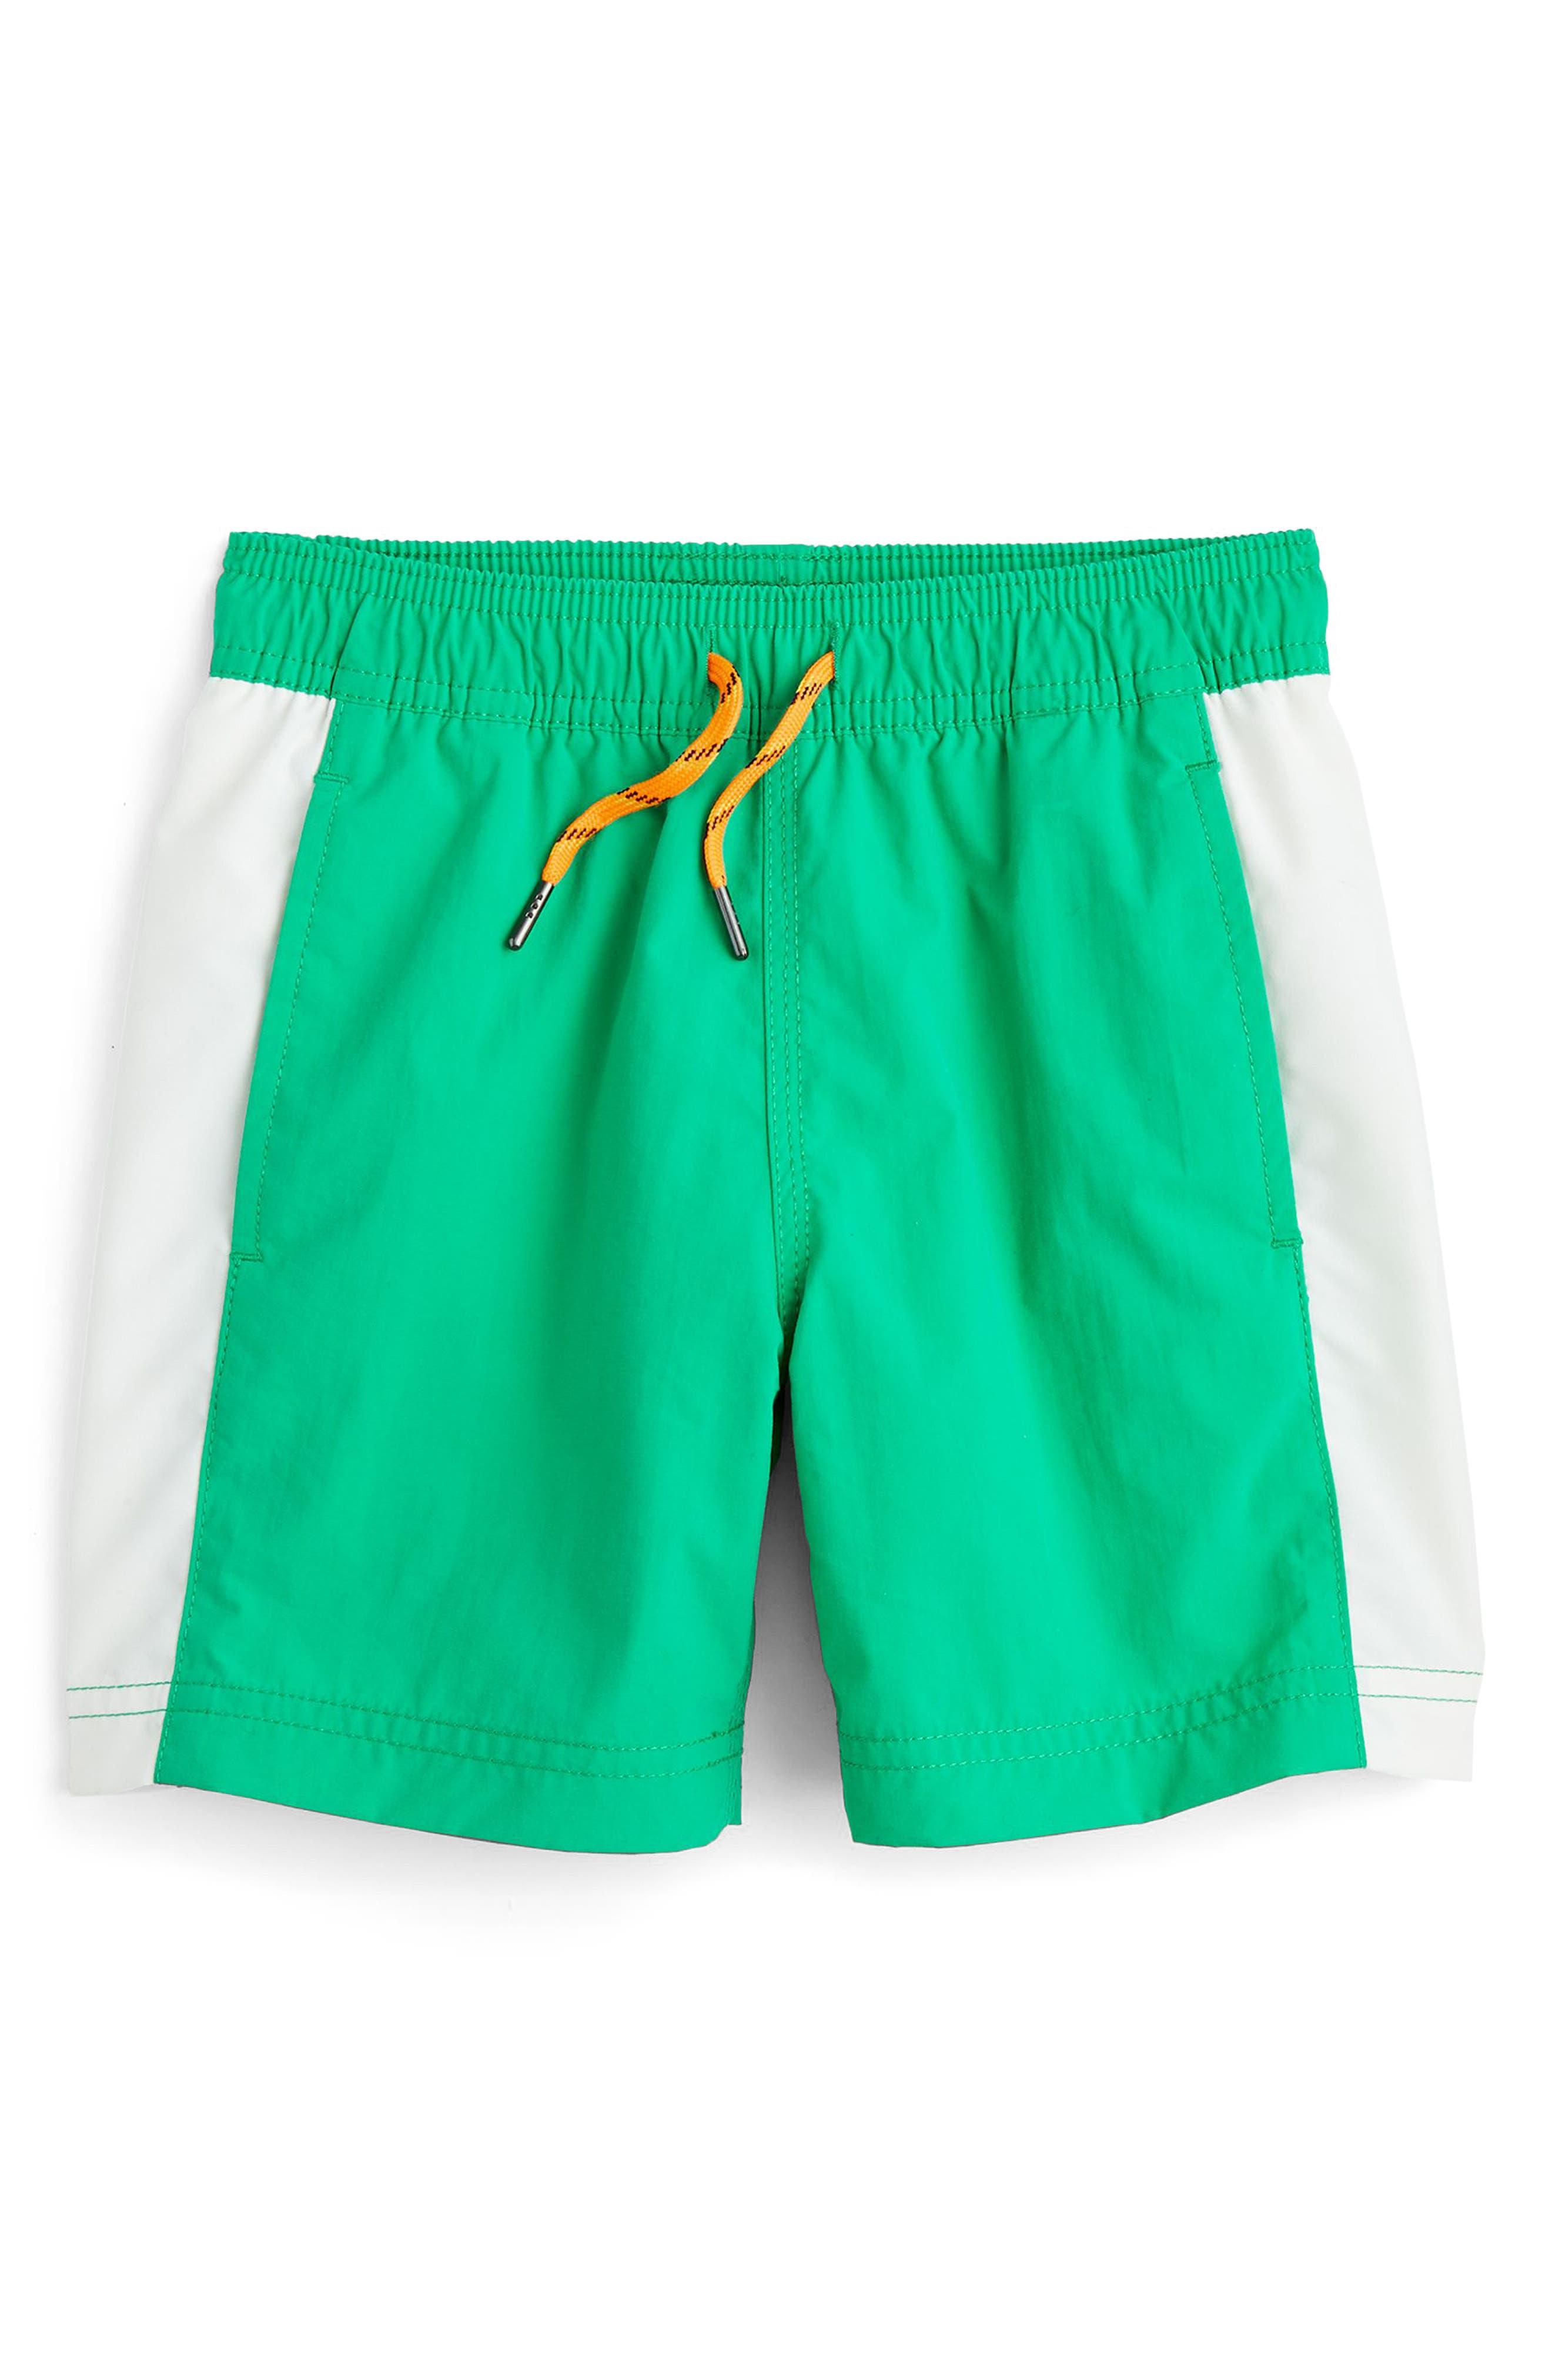 Colorblock Swim Trunks,                         Main,                         color, Emerald White